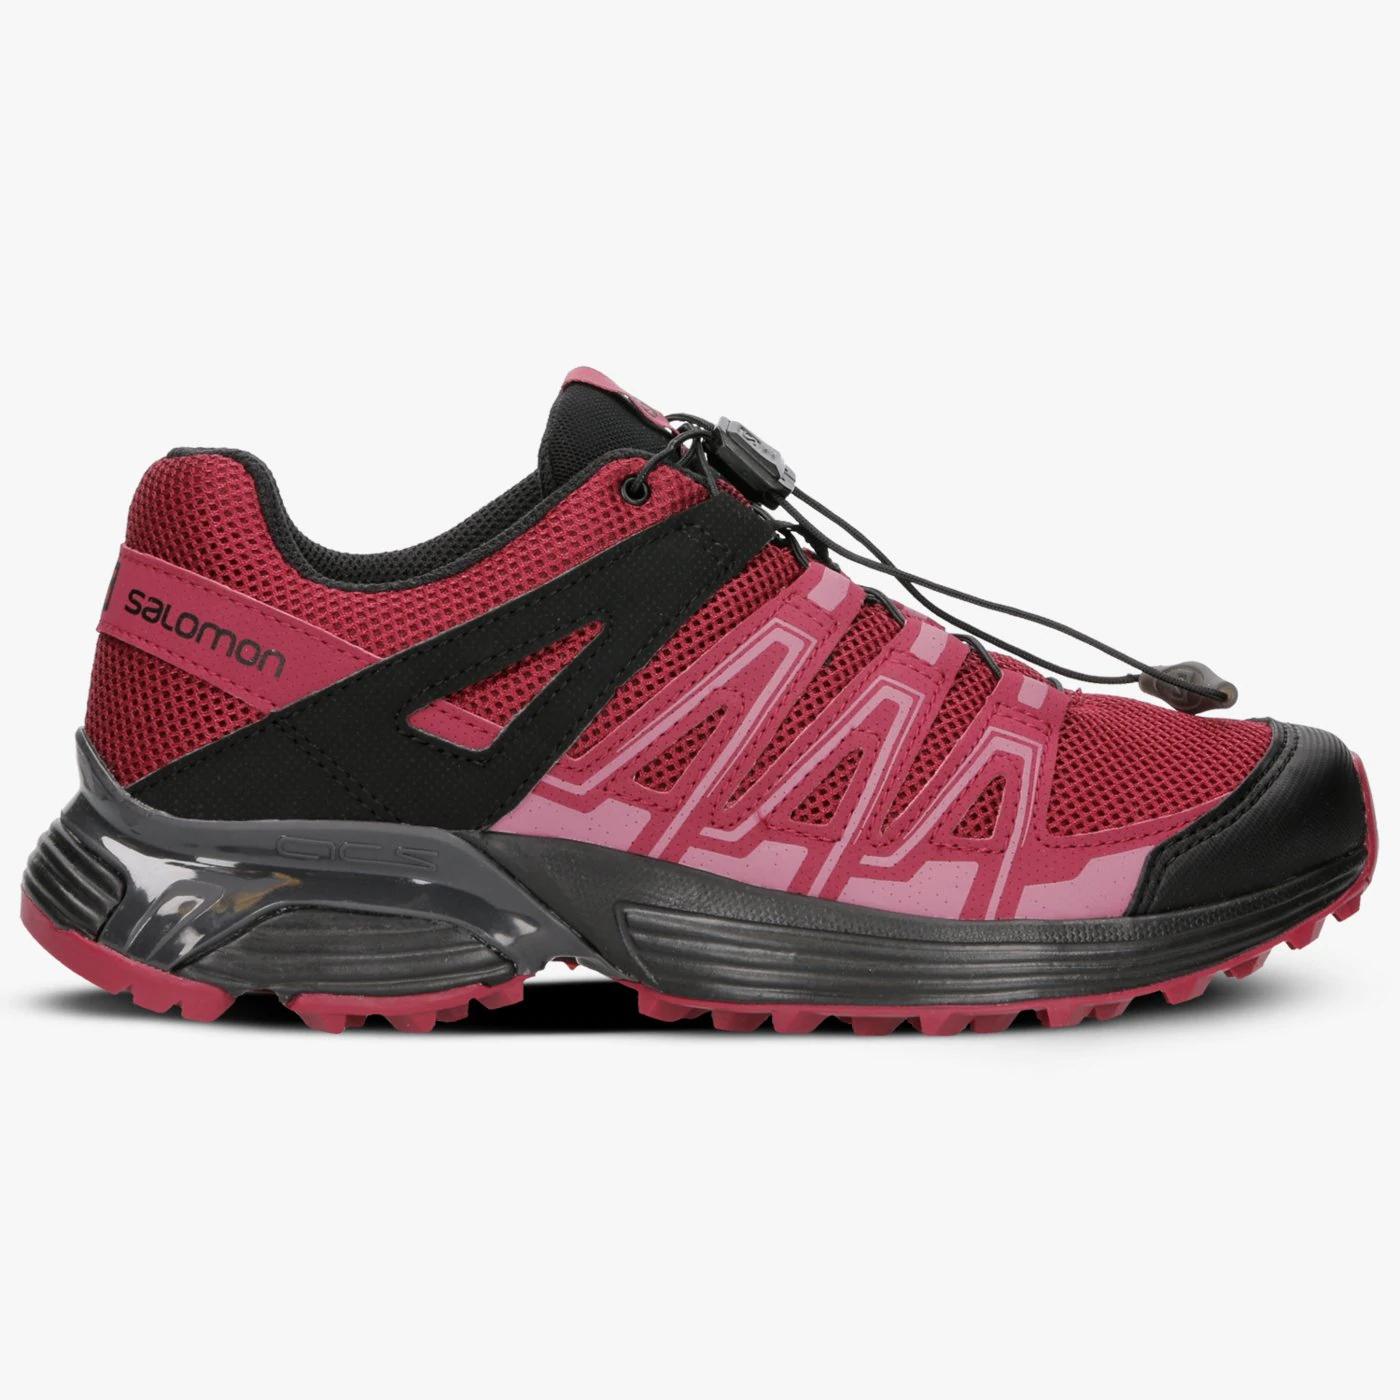 Damskie buty Salomon - 6 par do wyboru